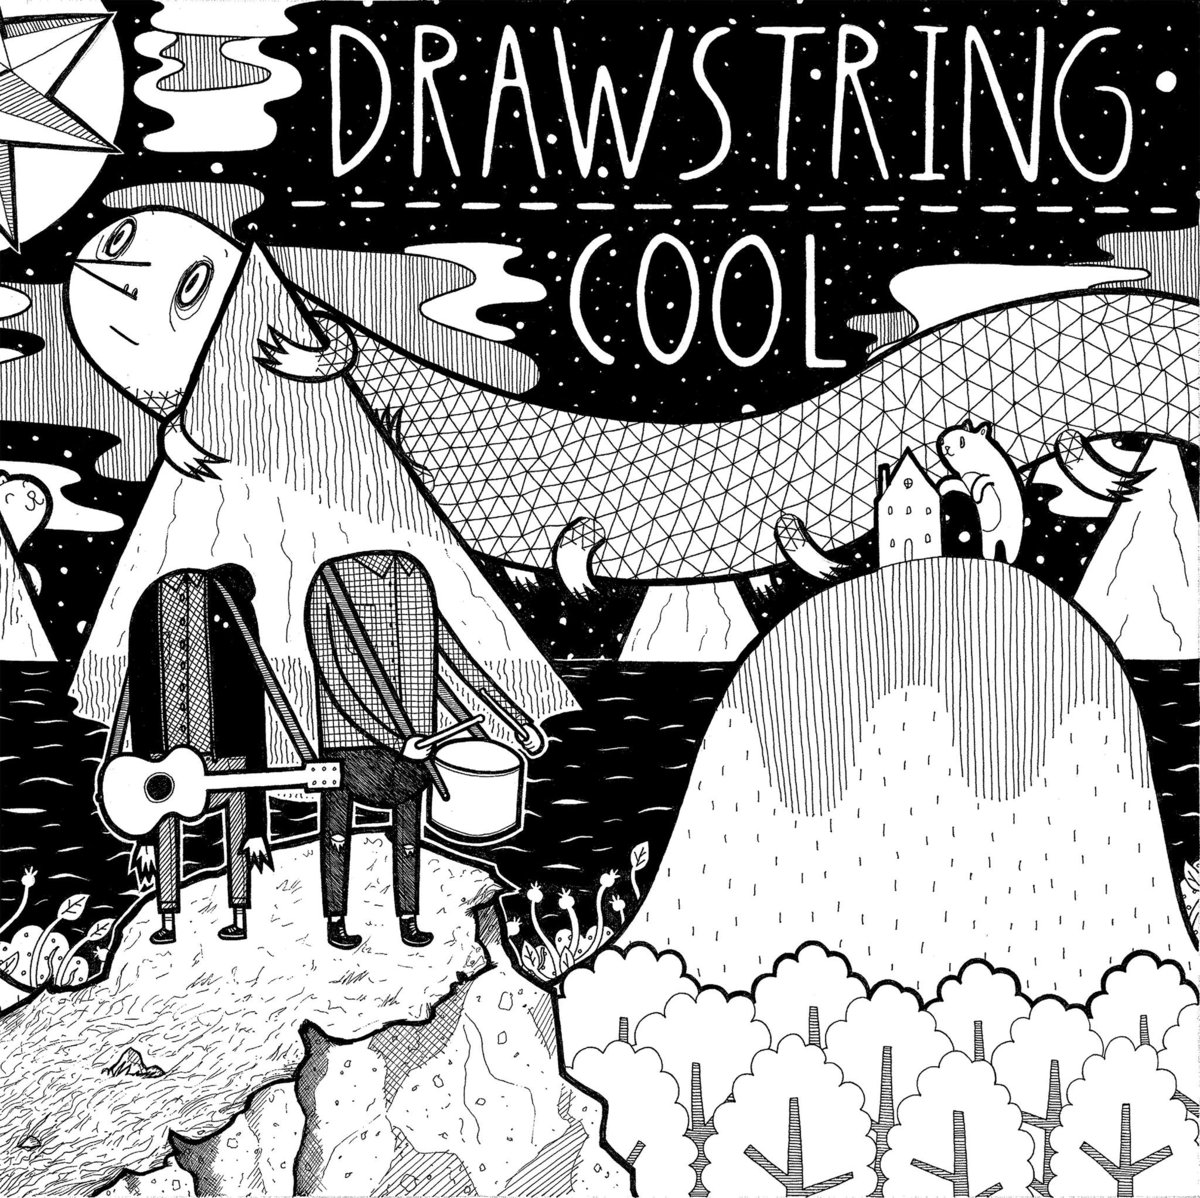 Drawstring - Cool